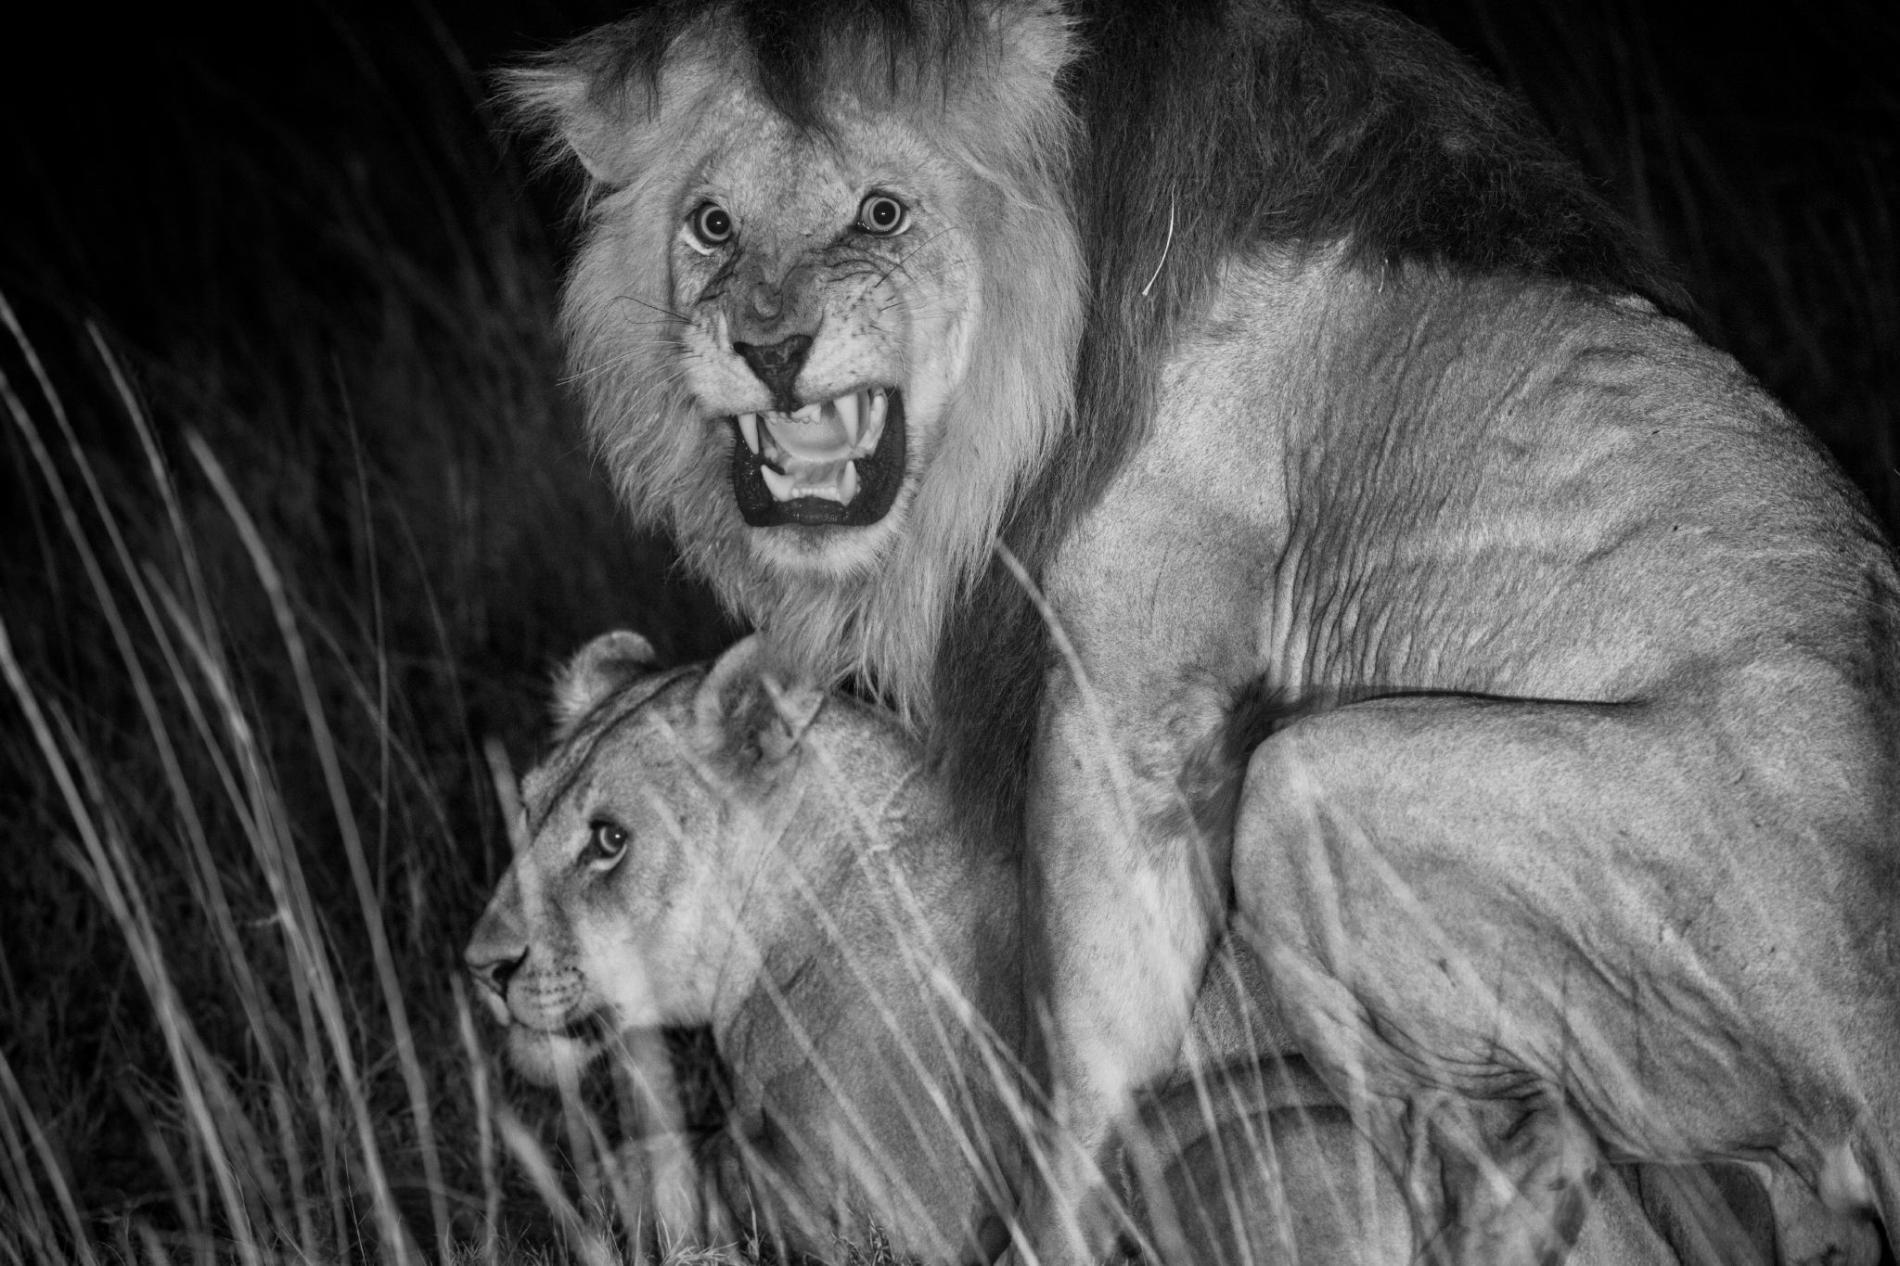 獅子與配偶